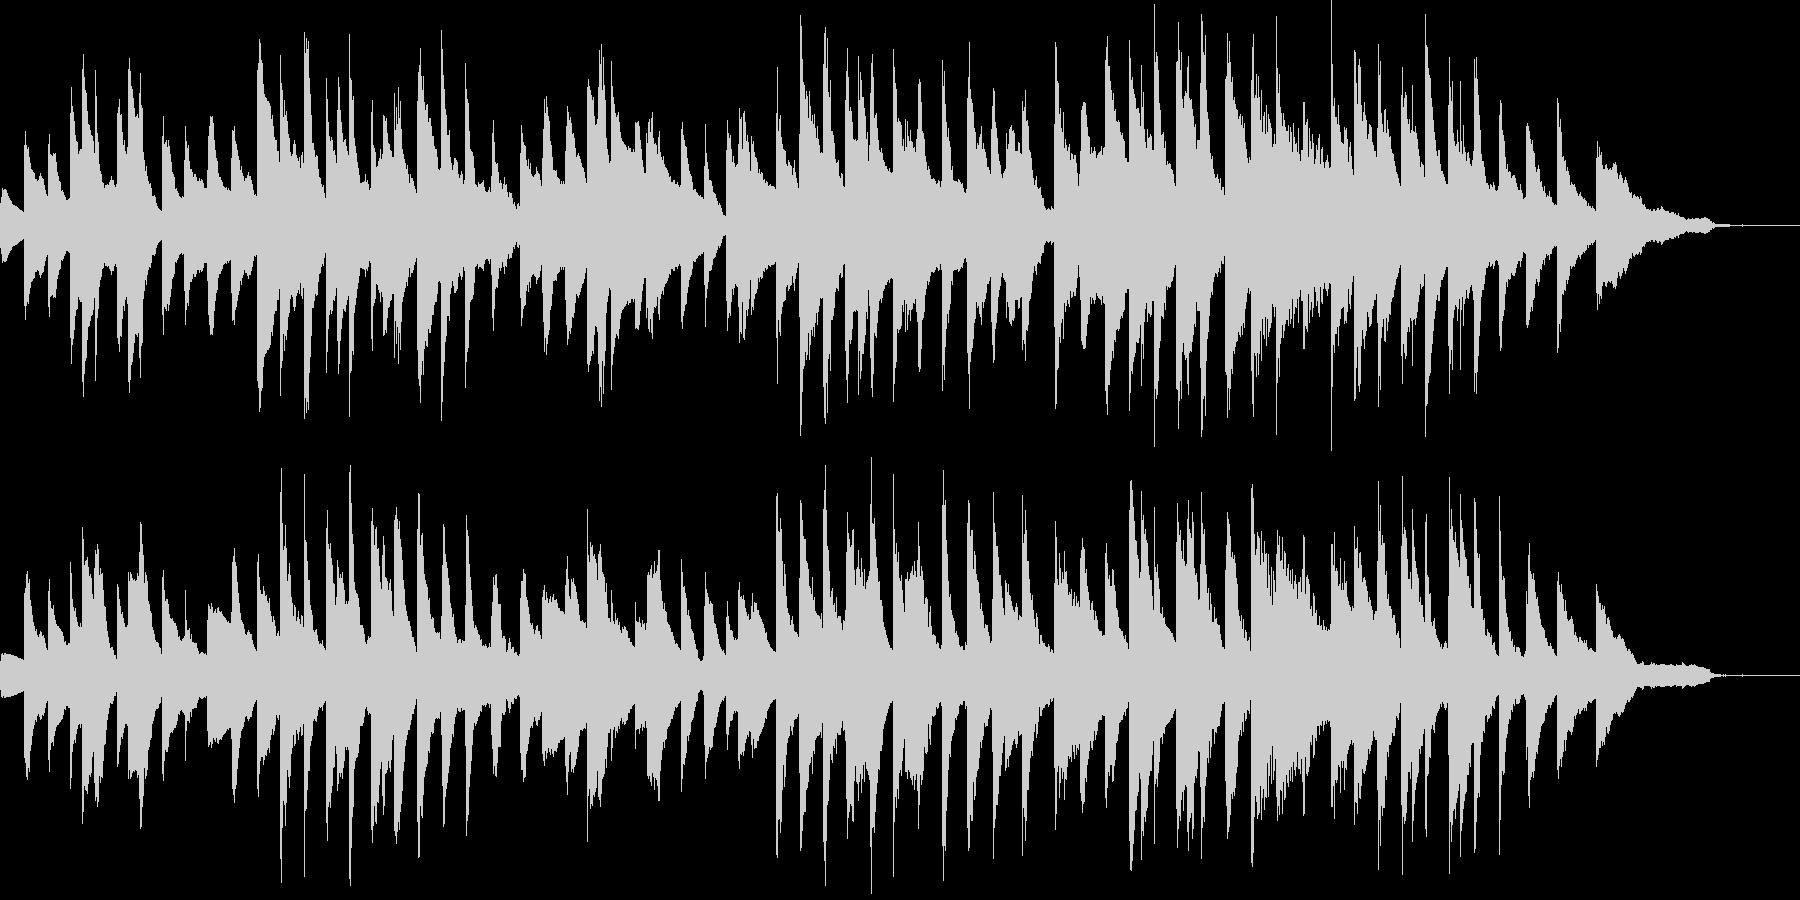 展覧会の絵:プロムナード(原曲)の未再生の波形